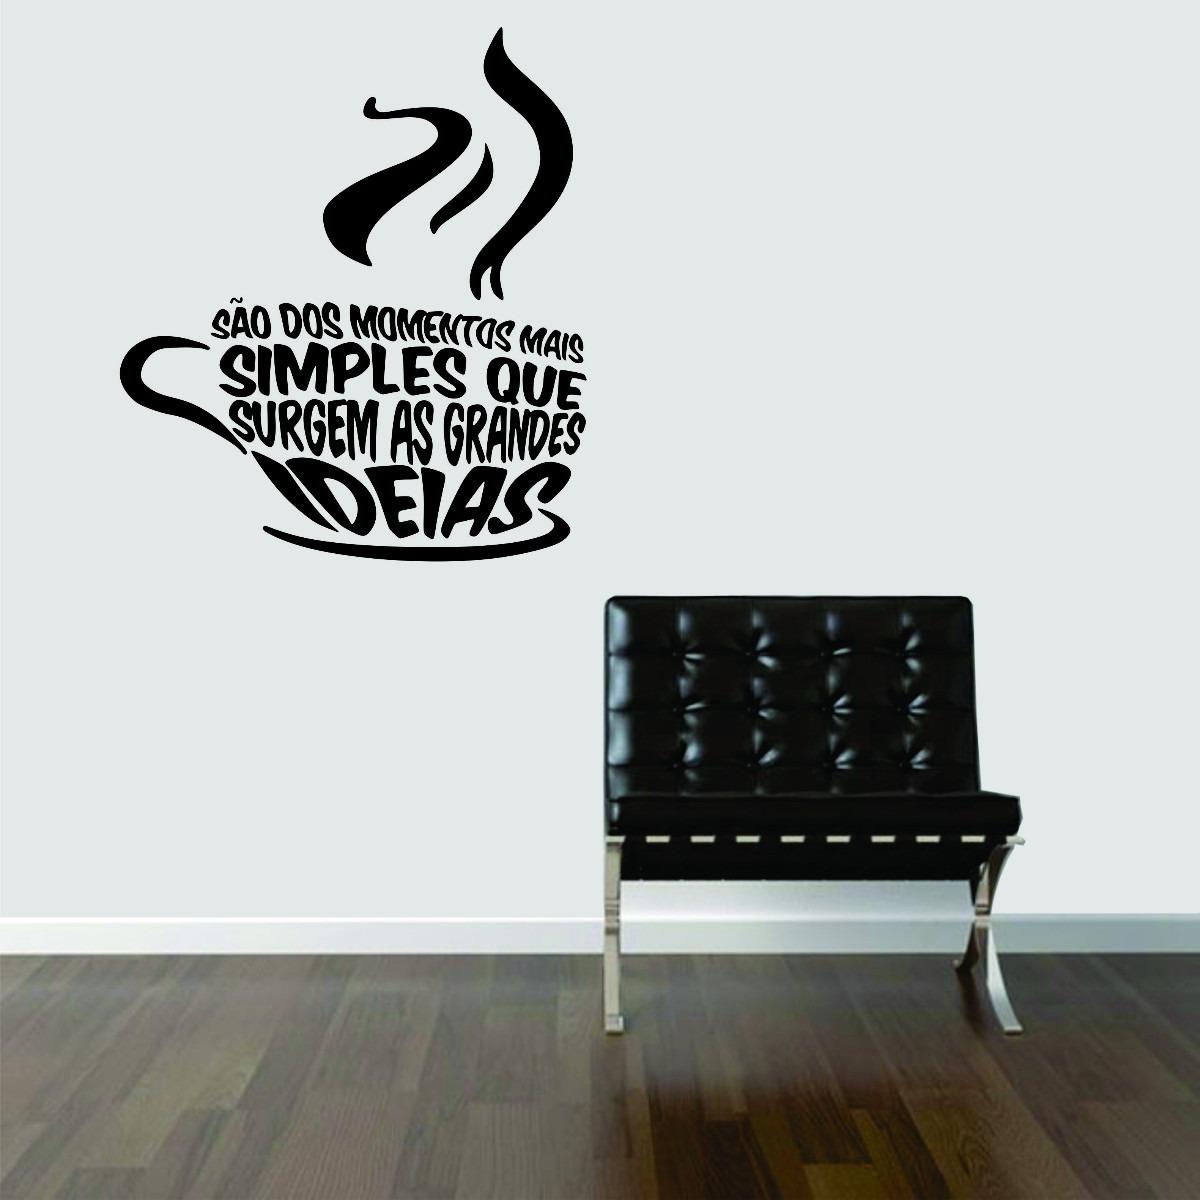 Artesanato Com Tecido E Cola ~ Adesivo Decorativo De Parede Cozinha Cafe Coffee Frases R$ 44,99 em Mercado Livre